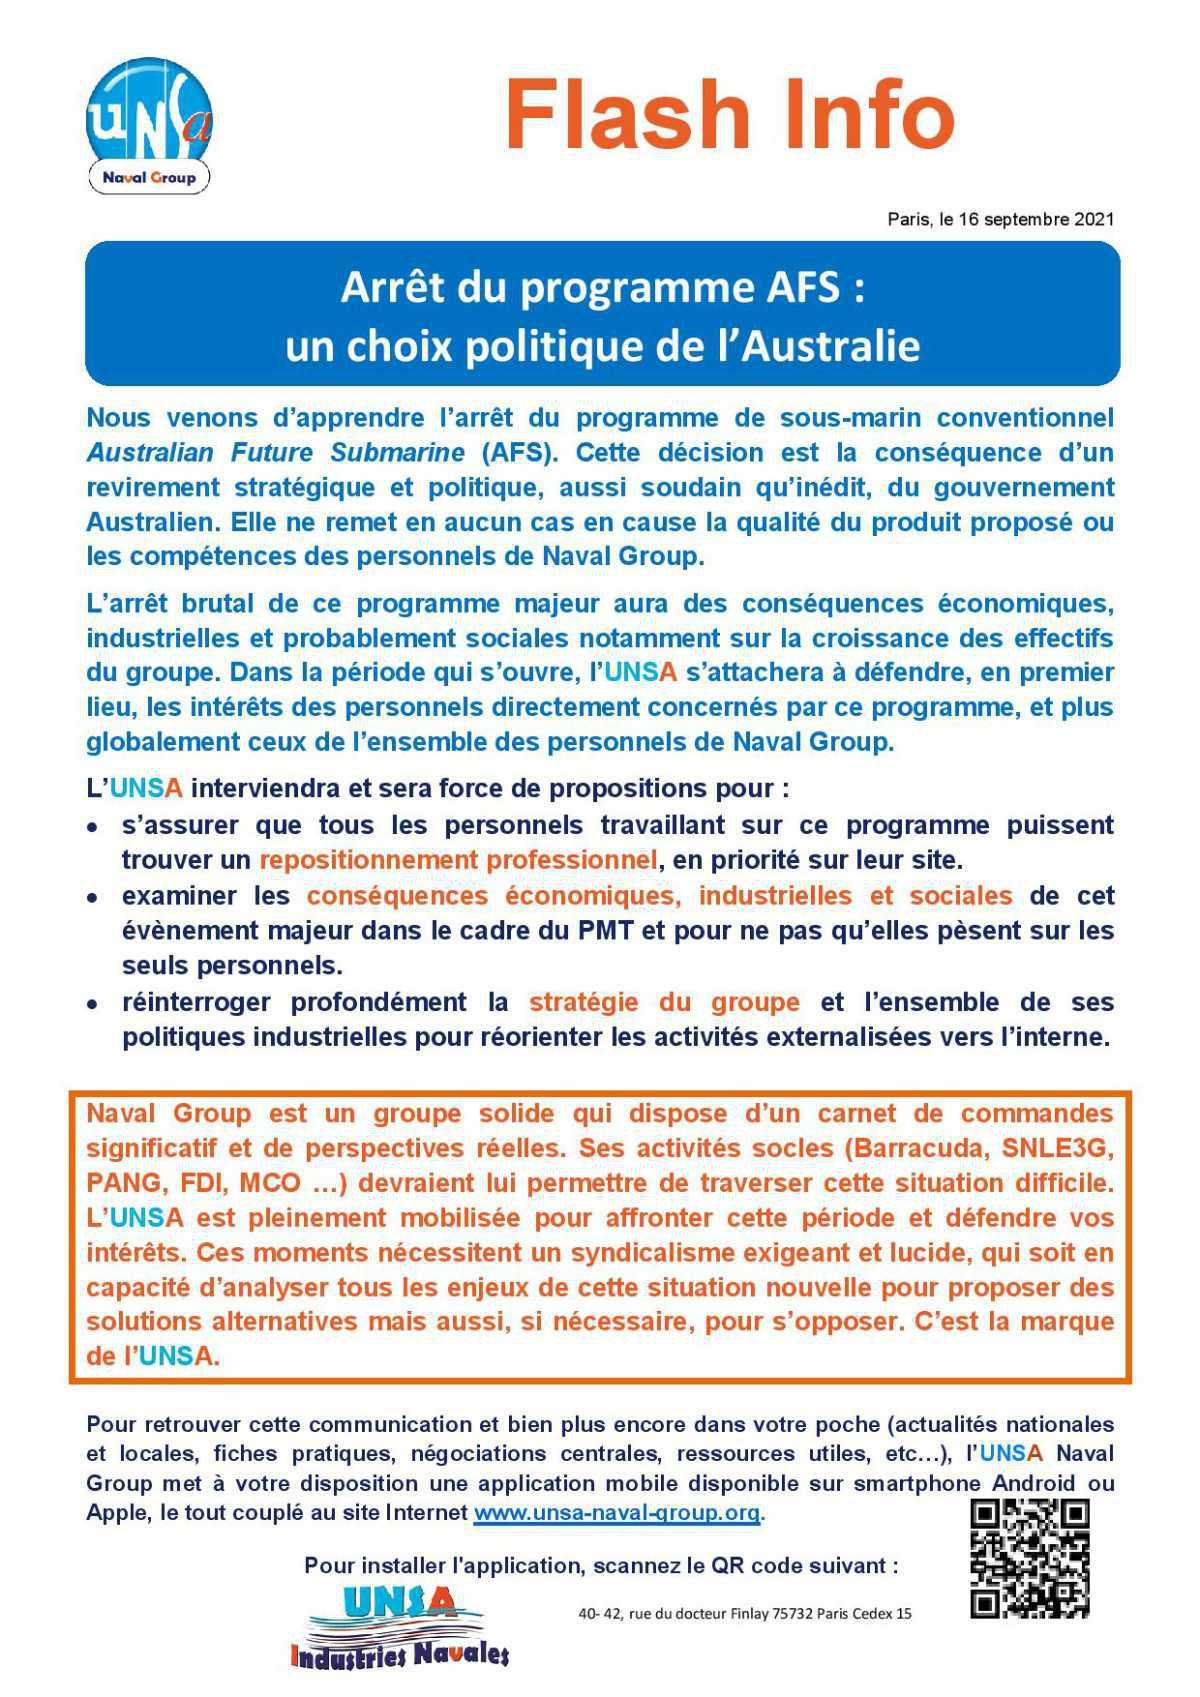 Arrêt du programme AFS : un choix politique de l'Australie